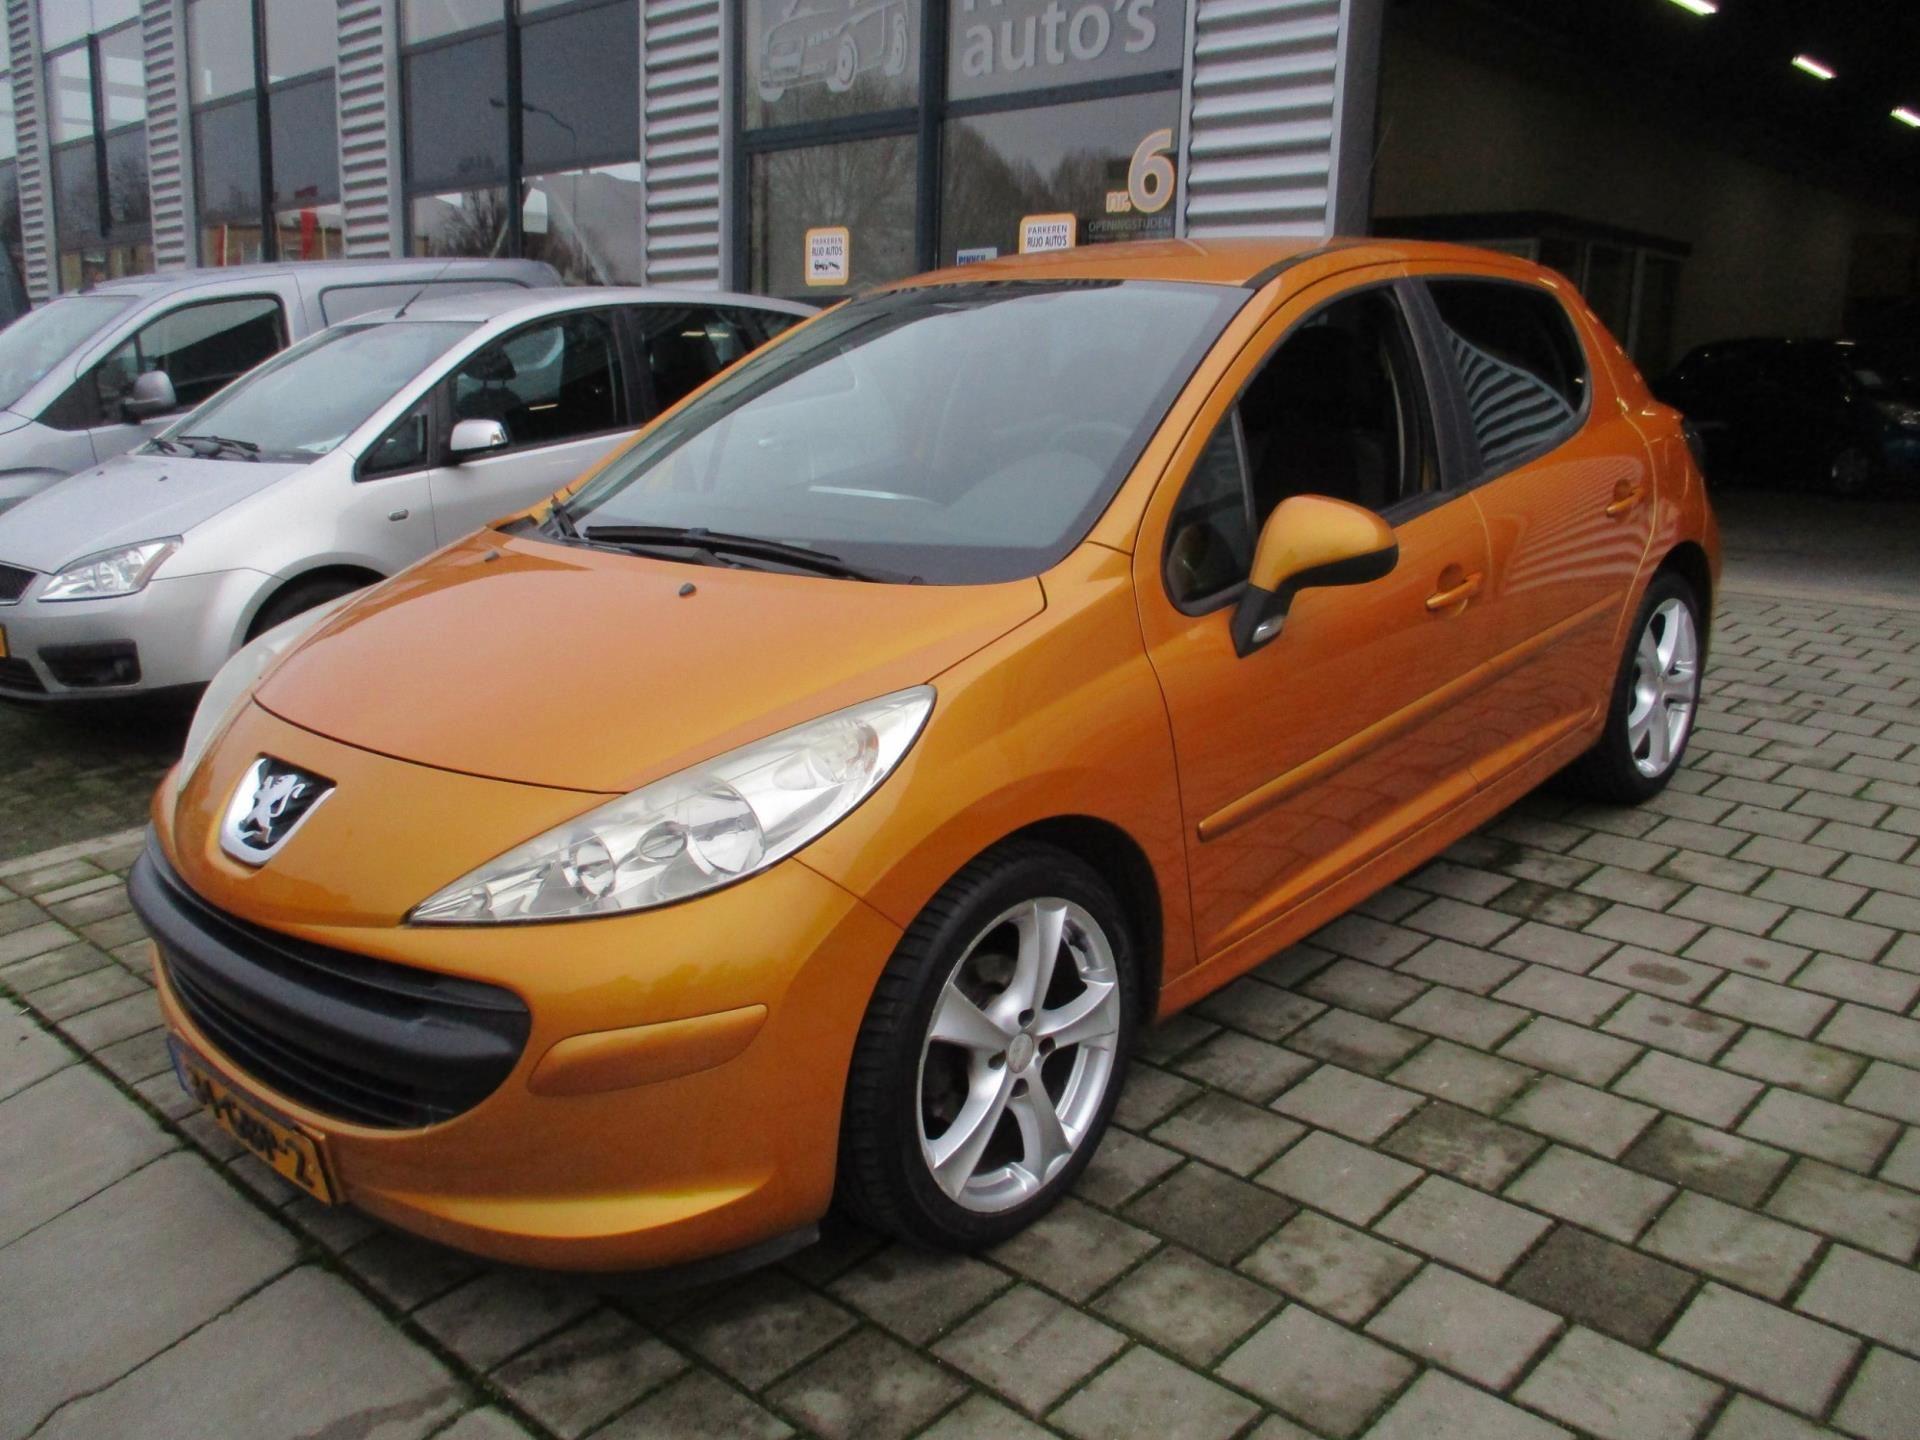 Peugeot 207 occasion - Rujo Auto's